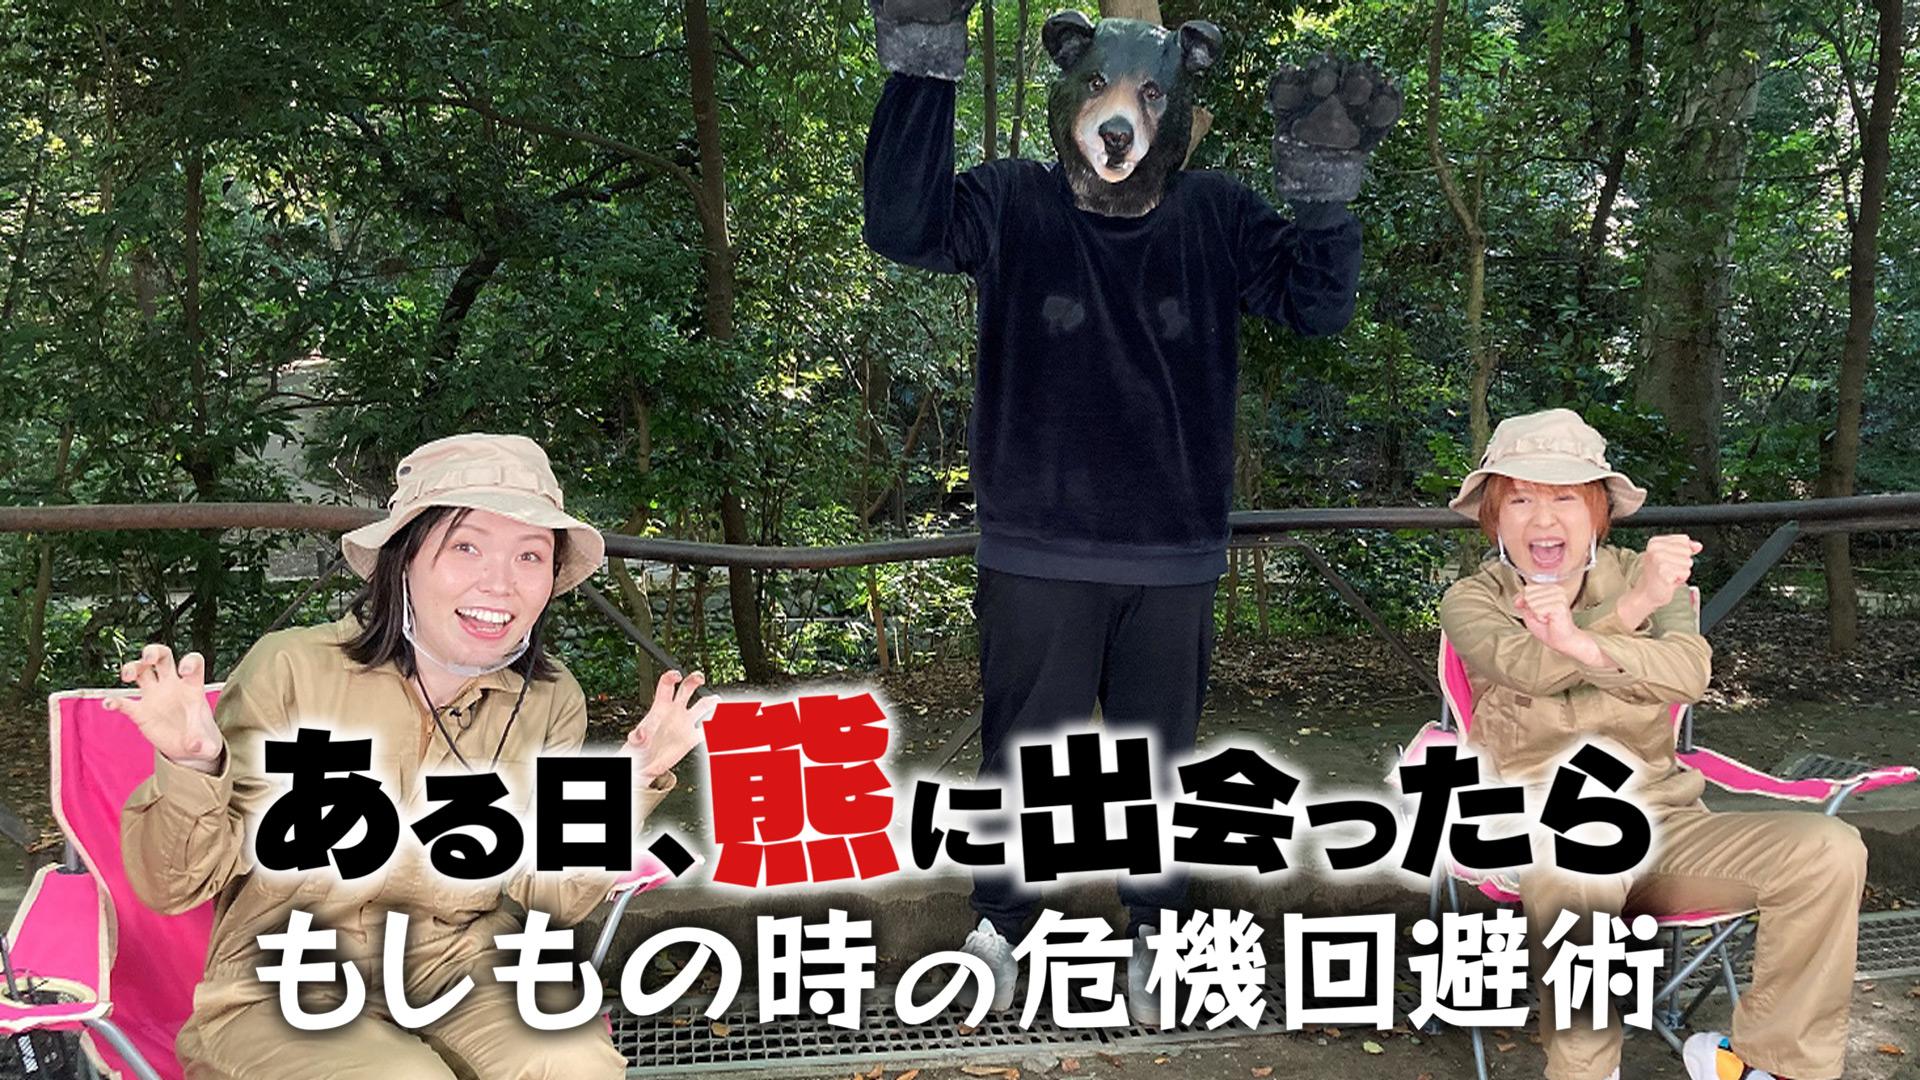 無料テレビである日、熊に出会ったら~もしもの時の危機回避術~を視聴する